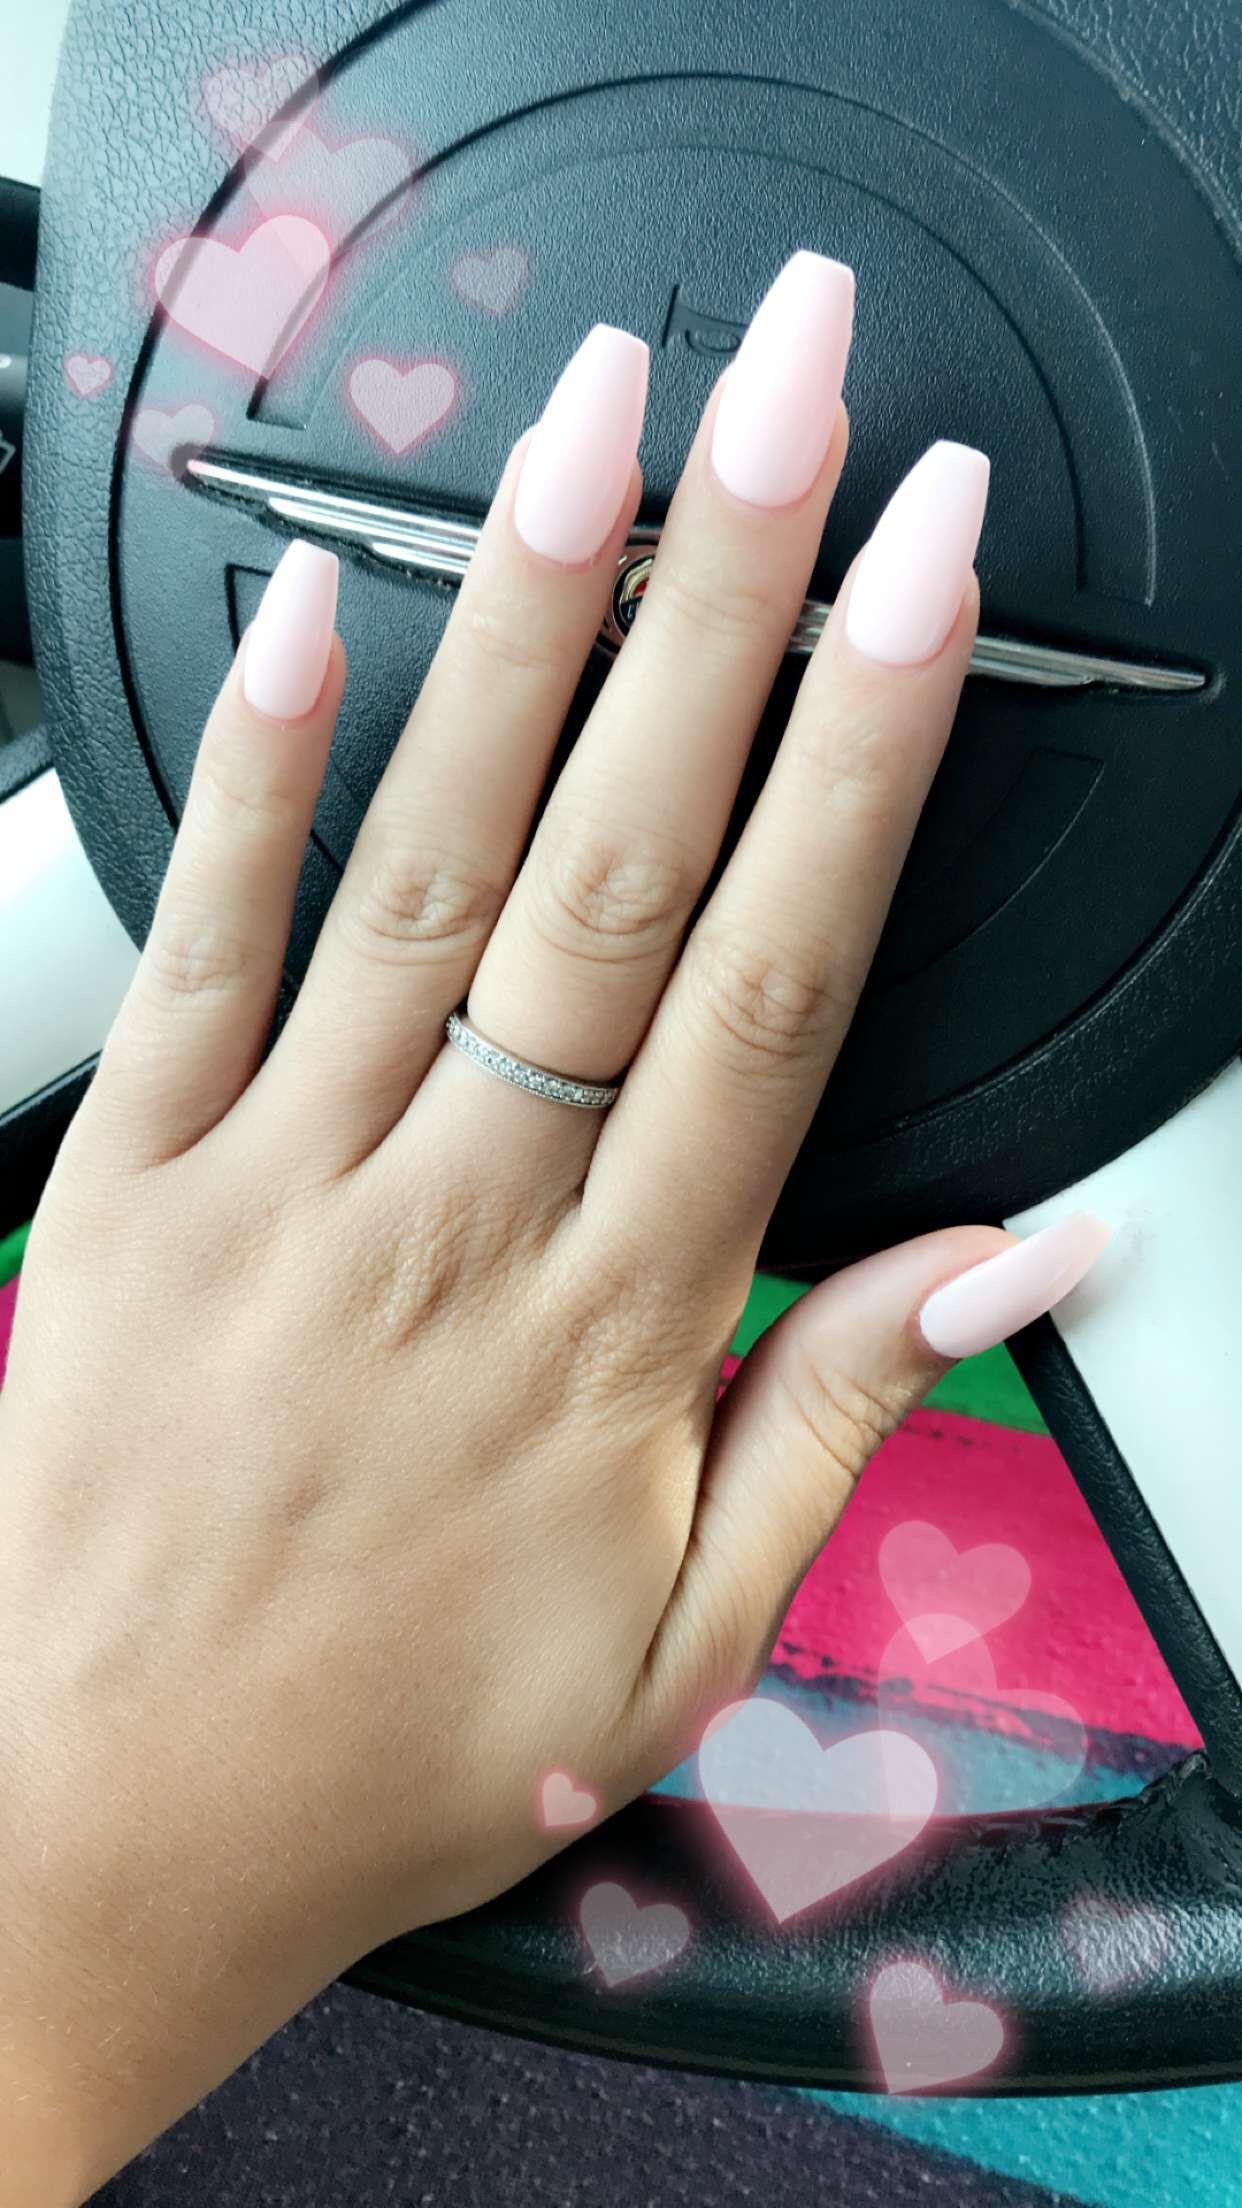 Dnd Gel Polish 550 Coral Castle Coffin Shape Acrylic Nails Dnd Gel Polish Gel Polish Colors Gel Nails